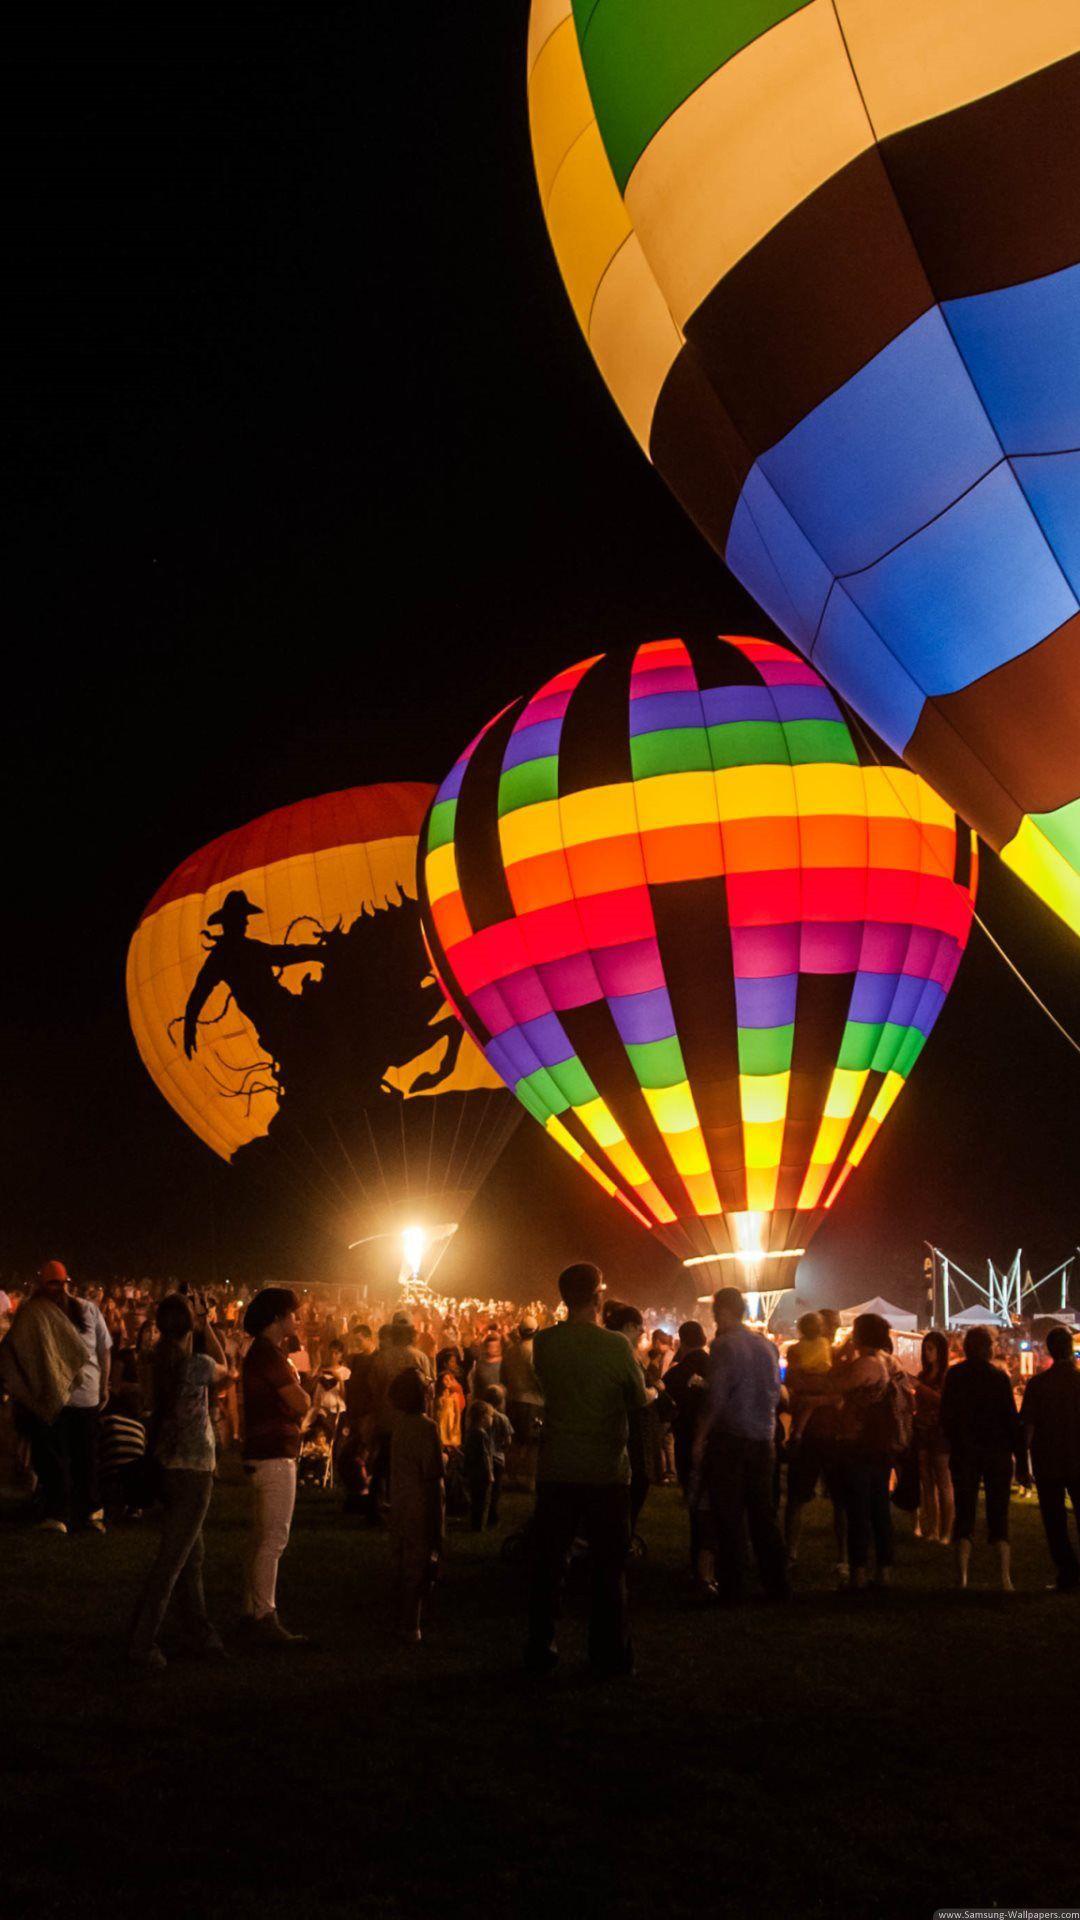 Amazing Wallpaper Night Hot Air Balloon - cea3e43c5fbd1c75bf7053f5da31345e  Perfect Image Reference-776165.jpg